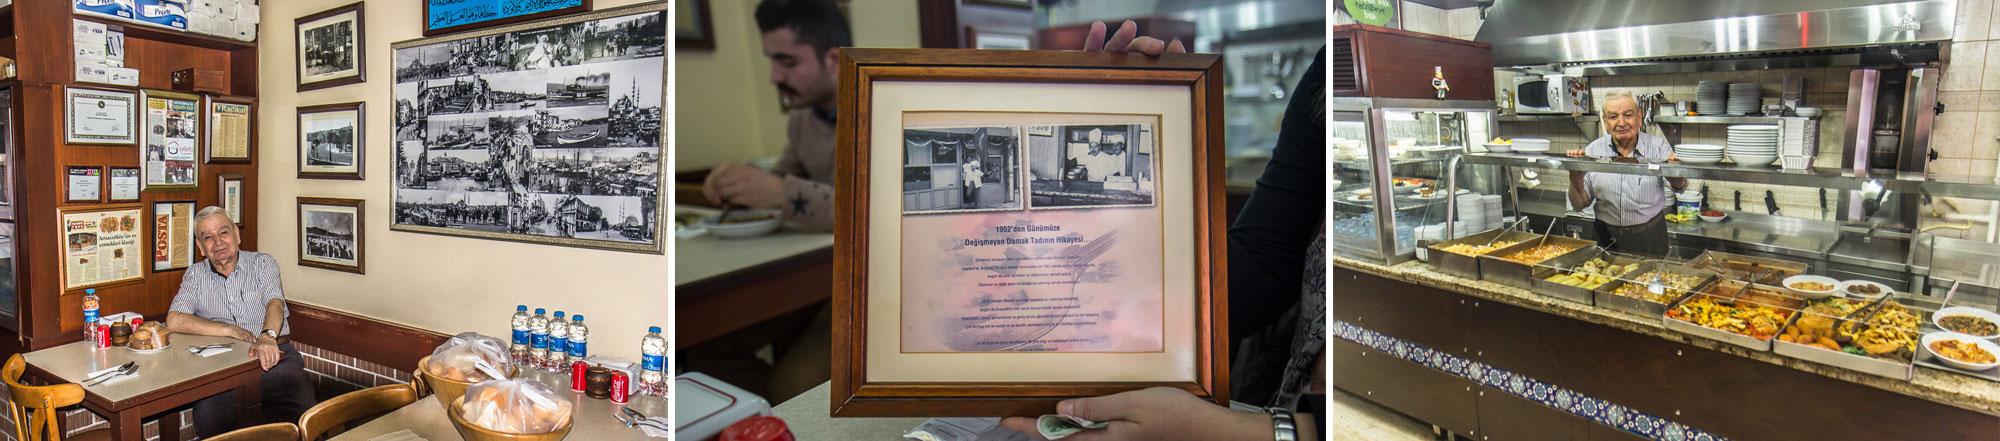 Hussein Çelebi en el interior del restaurante